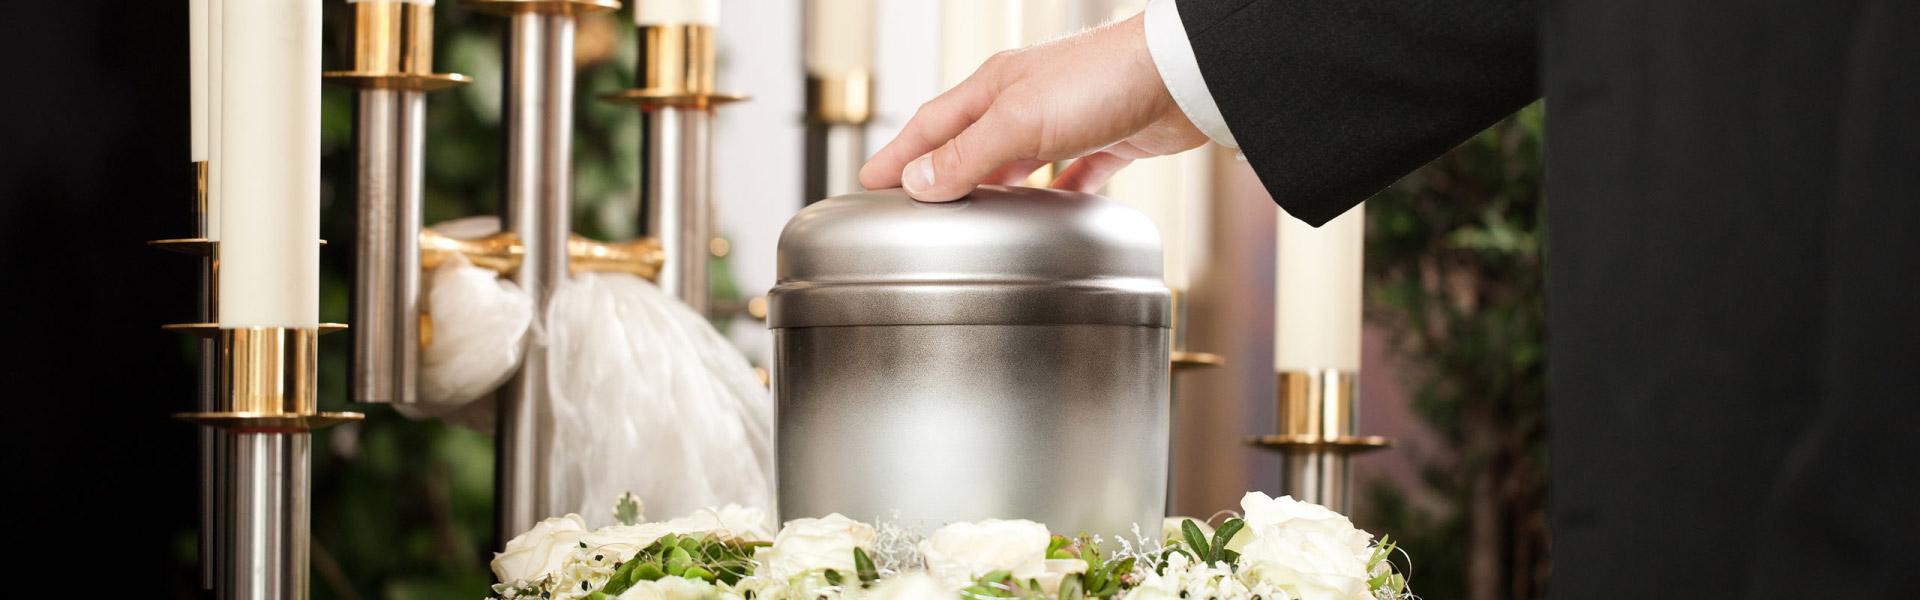 na-de-crematie-asbestemming